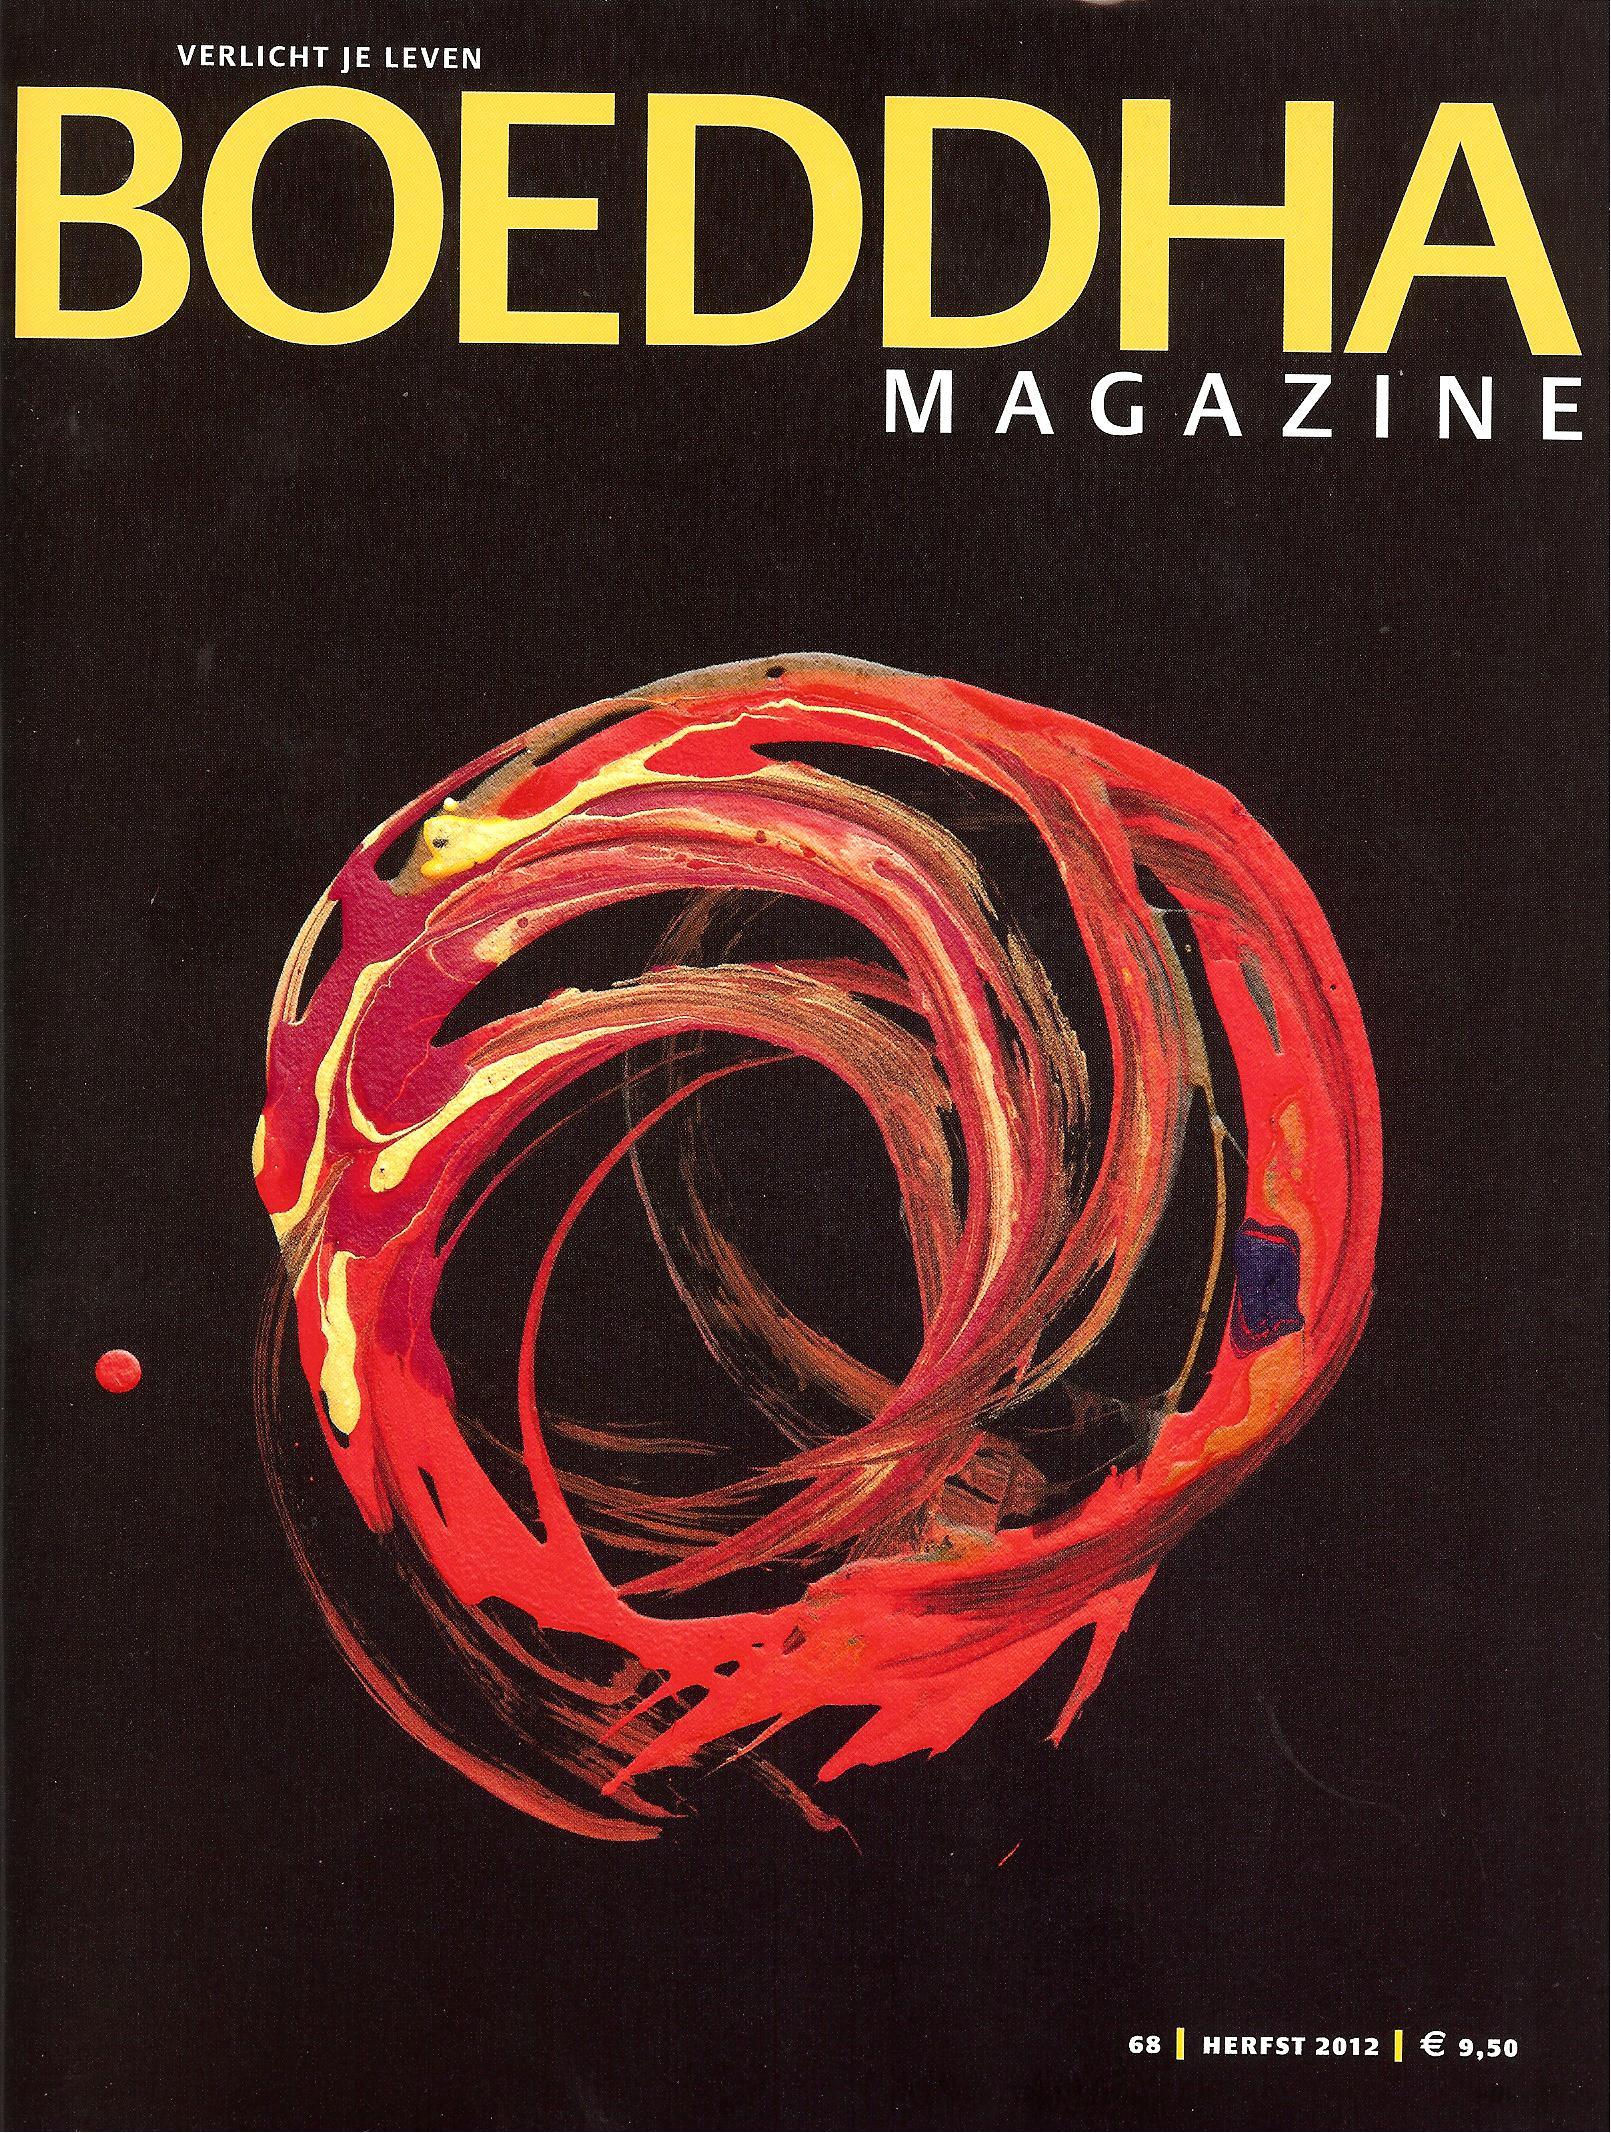 BoeddhaMagazine